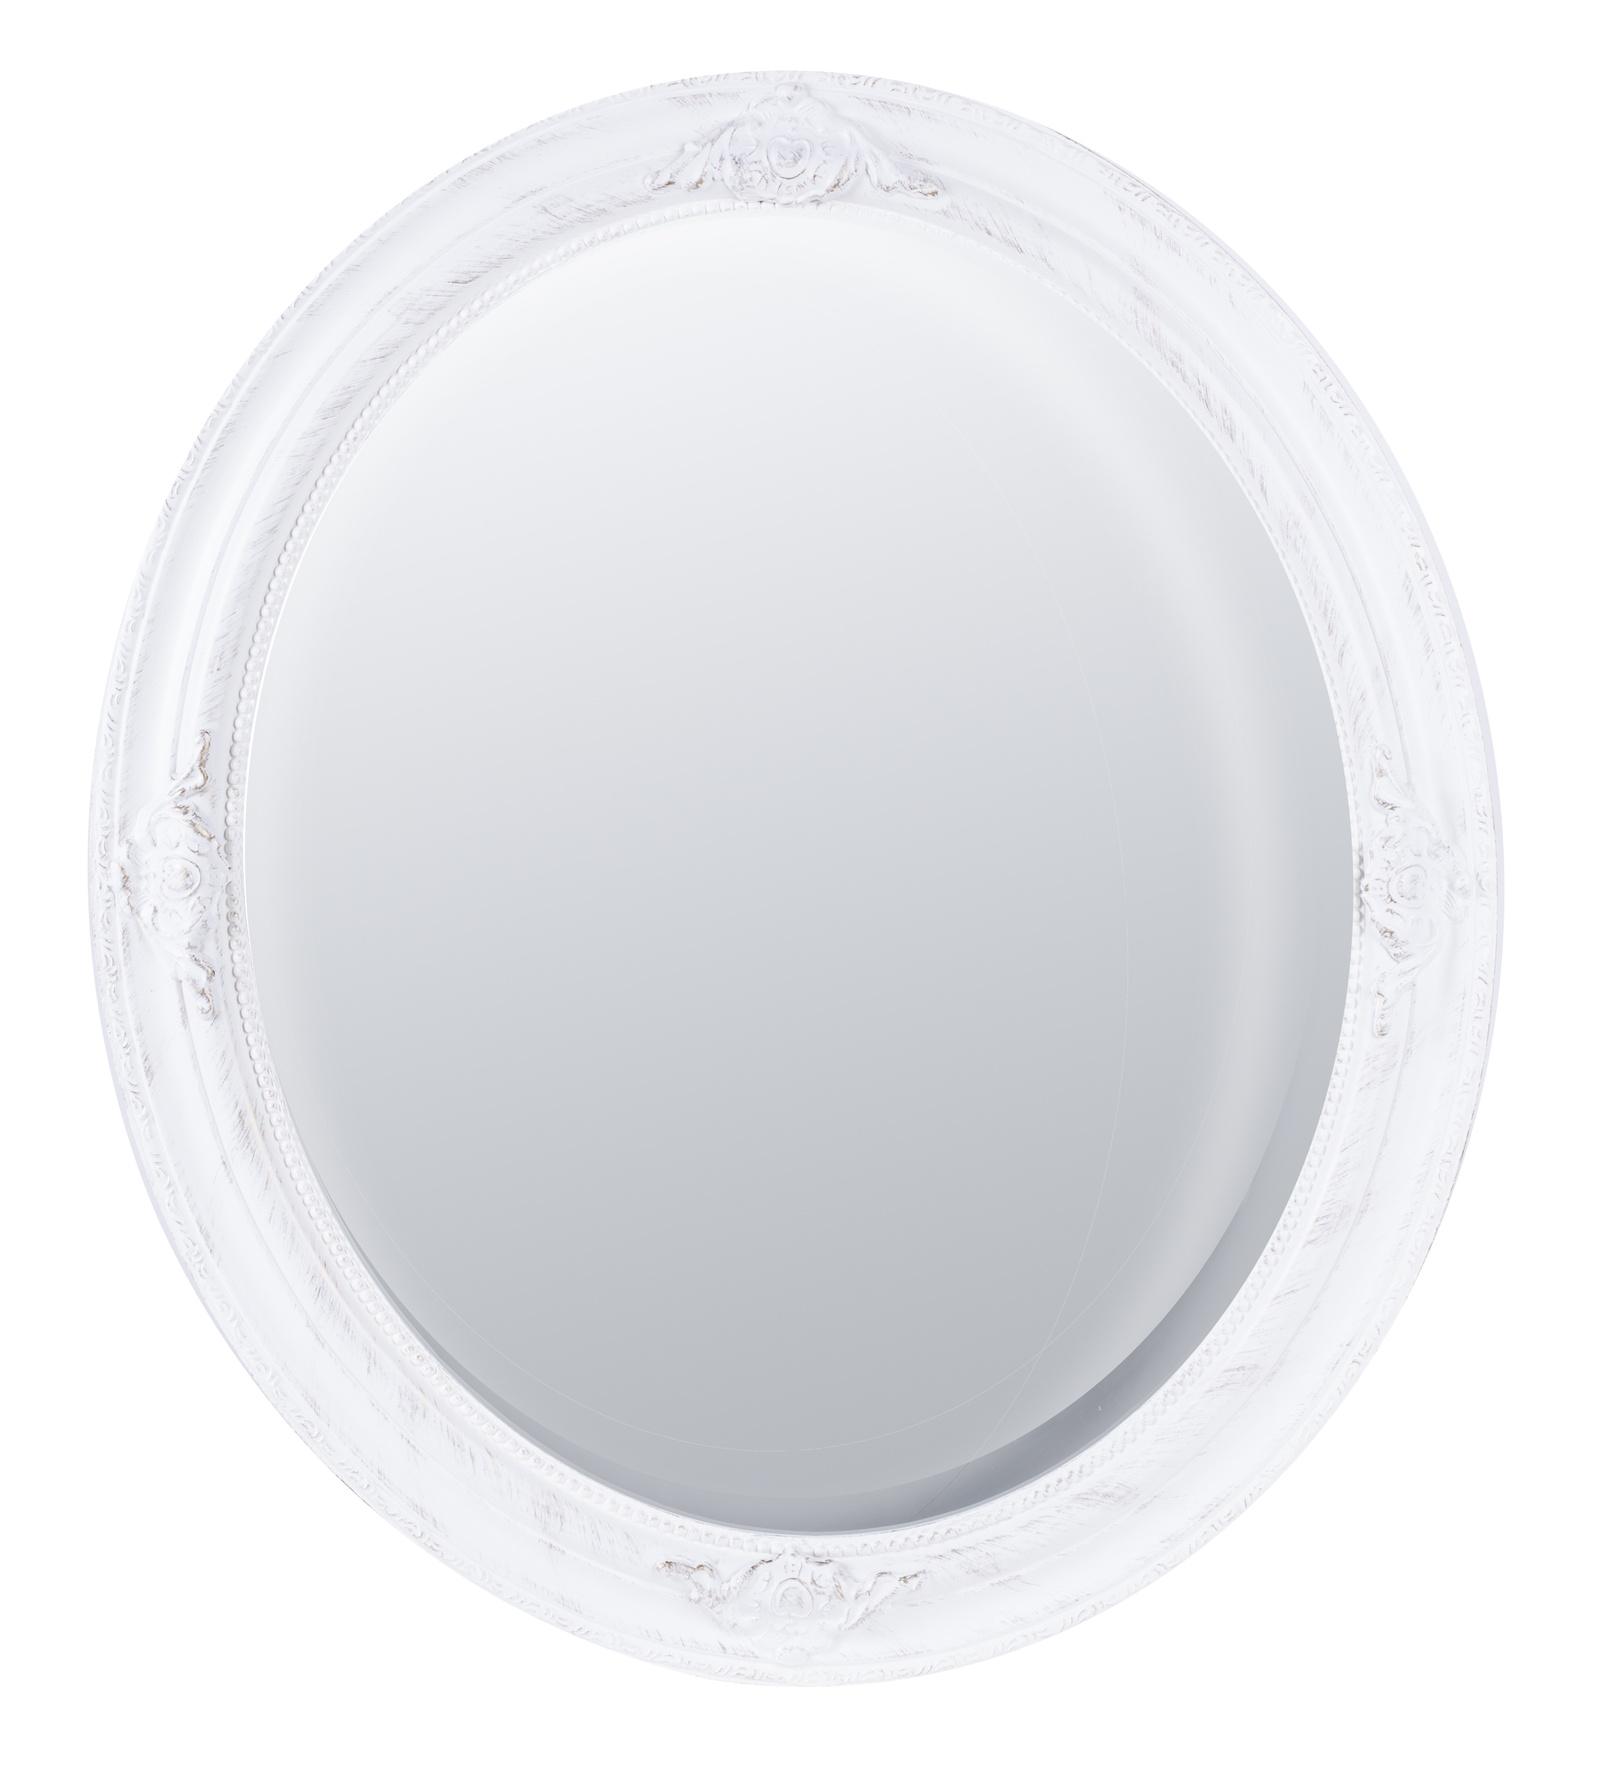 Зеркало настенное ANTIQUE Зеркало в деревянной раме с фацетом, 62x72х3,5см,White, белый